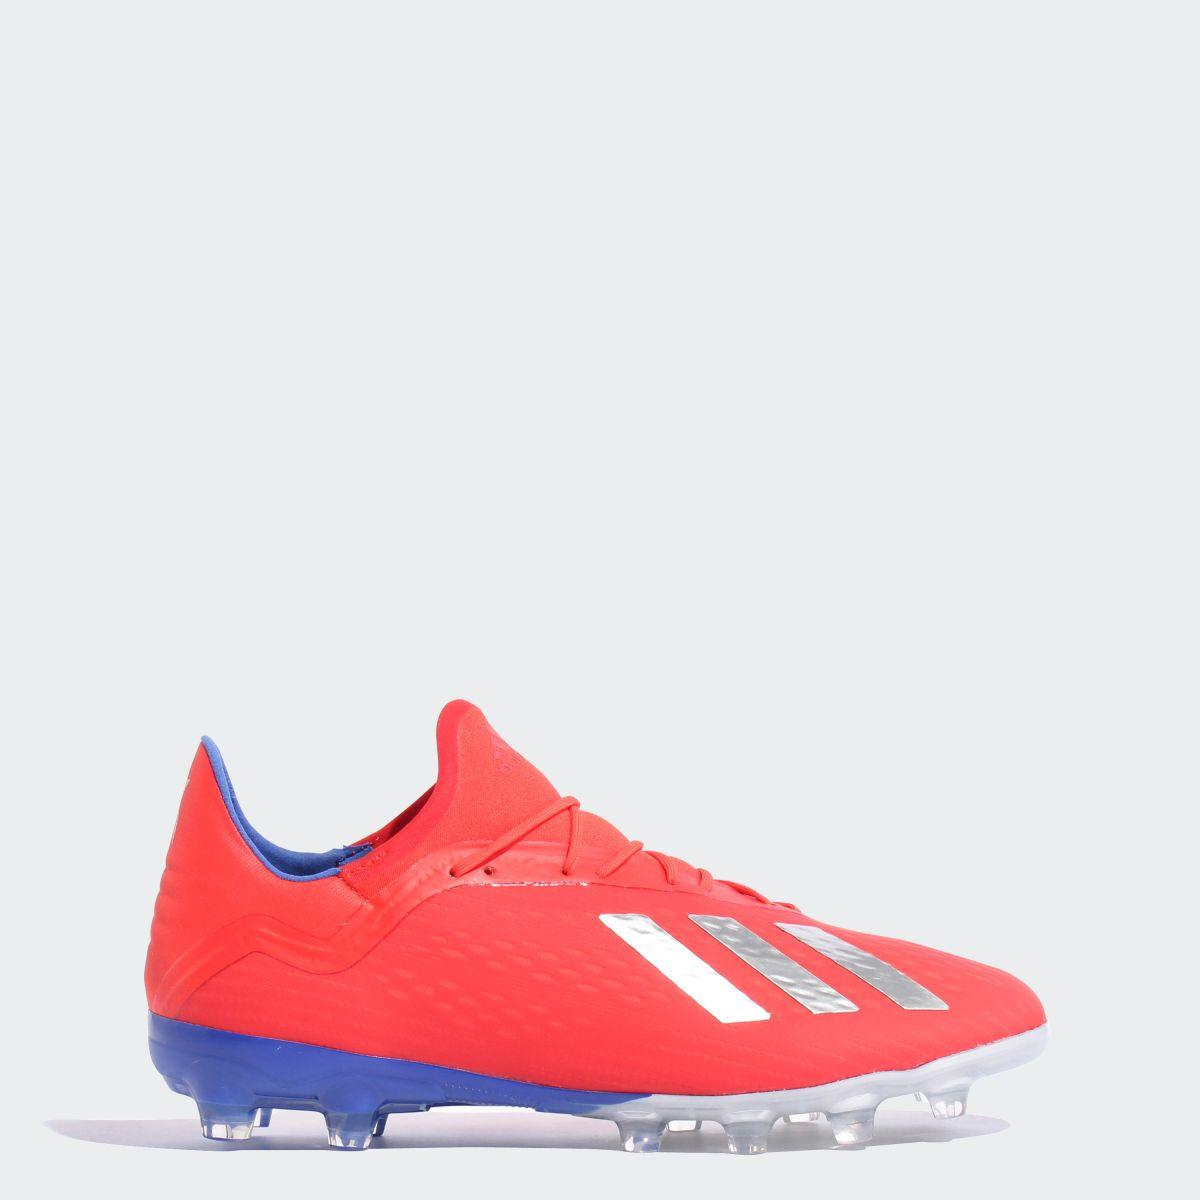 ポイント20倍 07/20 00:00~07/29 23:59 【公式】アディダス adidas エックス 18.2-ジャパン HG/AG / 硬い土用 / 人工芝用 メンズ サッカー シューズ スパイク F97358 [hard_ground][artificial_ground][spike] [footcam_20190720]